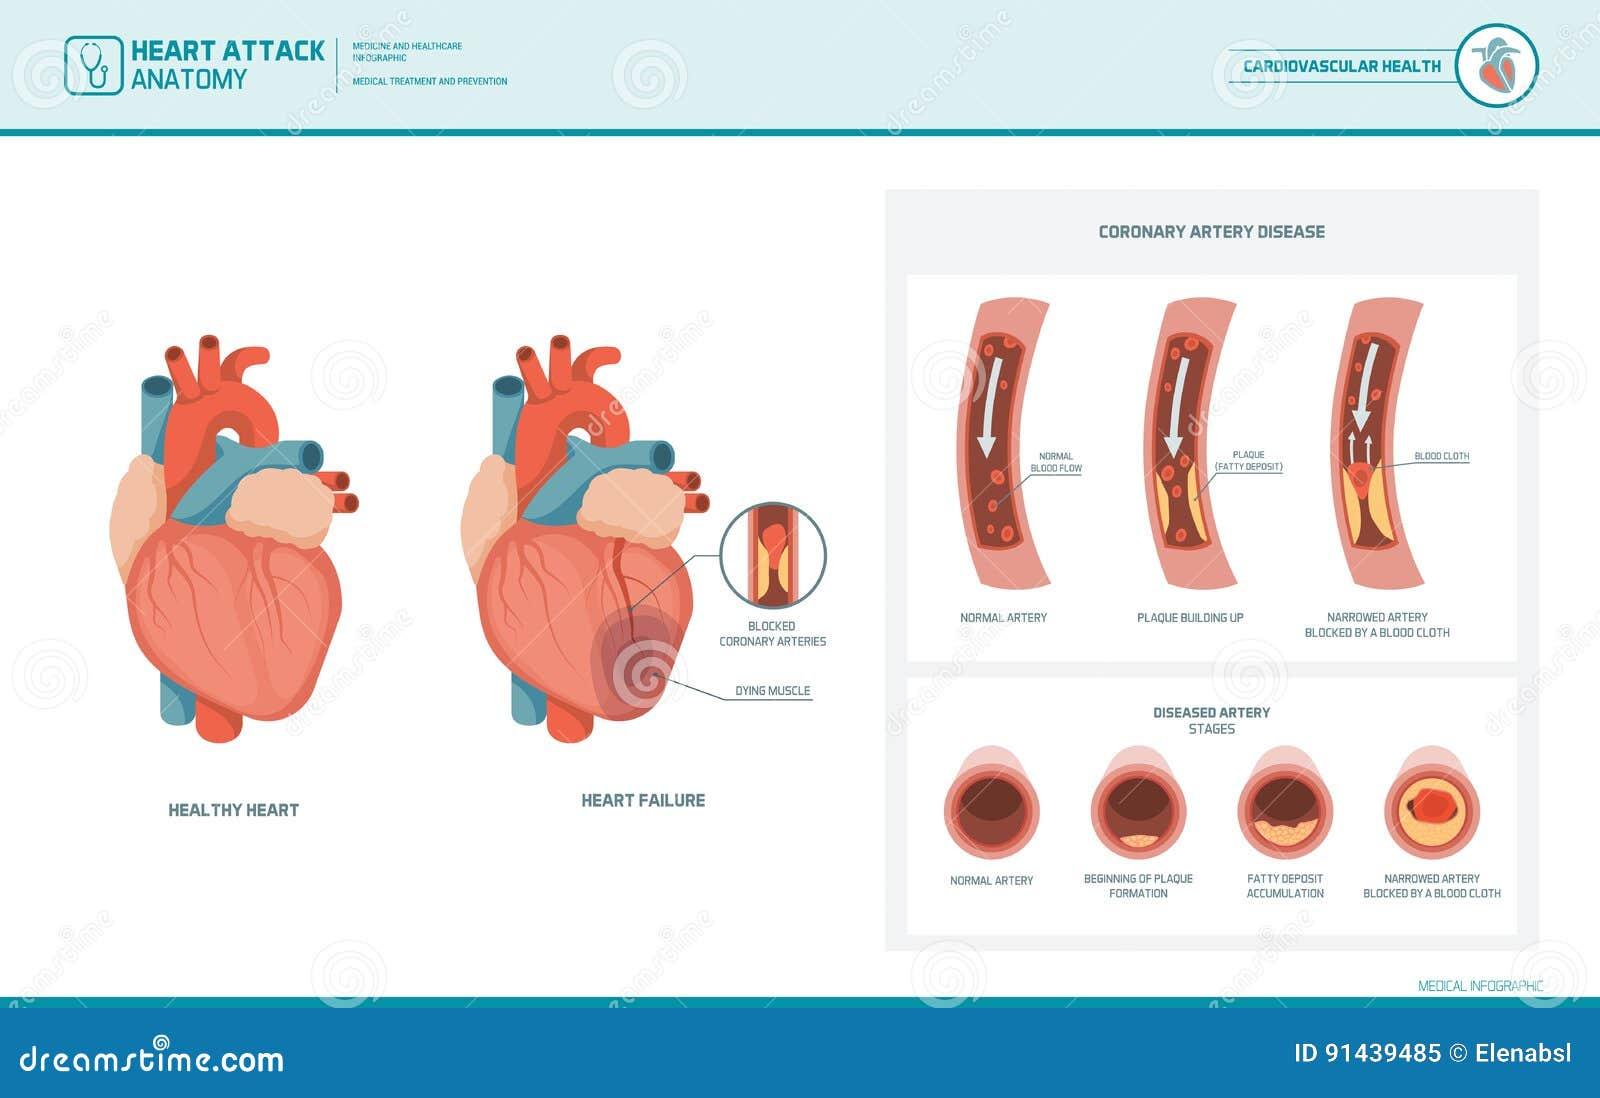 Anatomia de um cardíaco de ataque